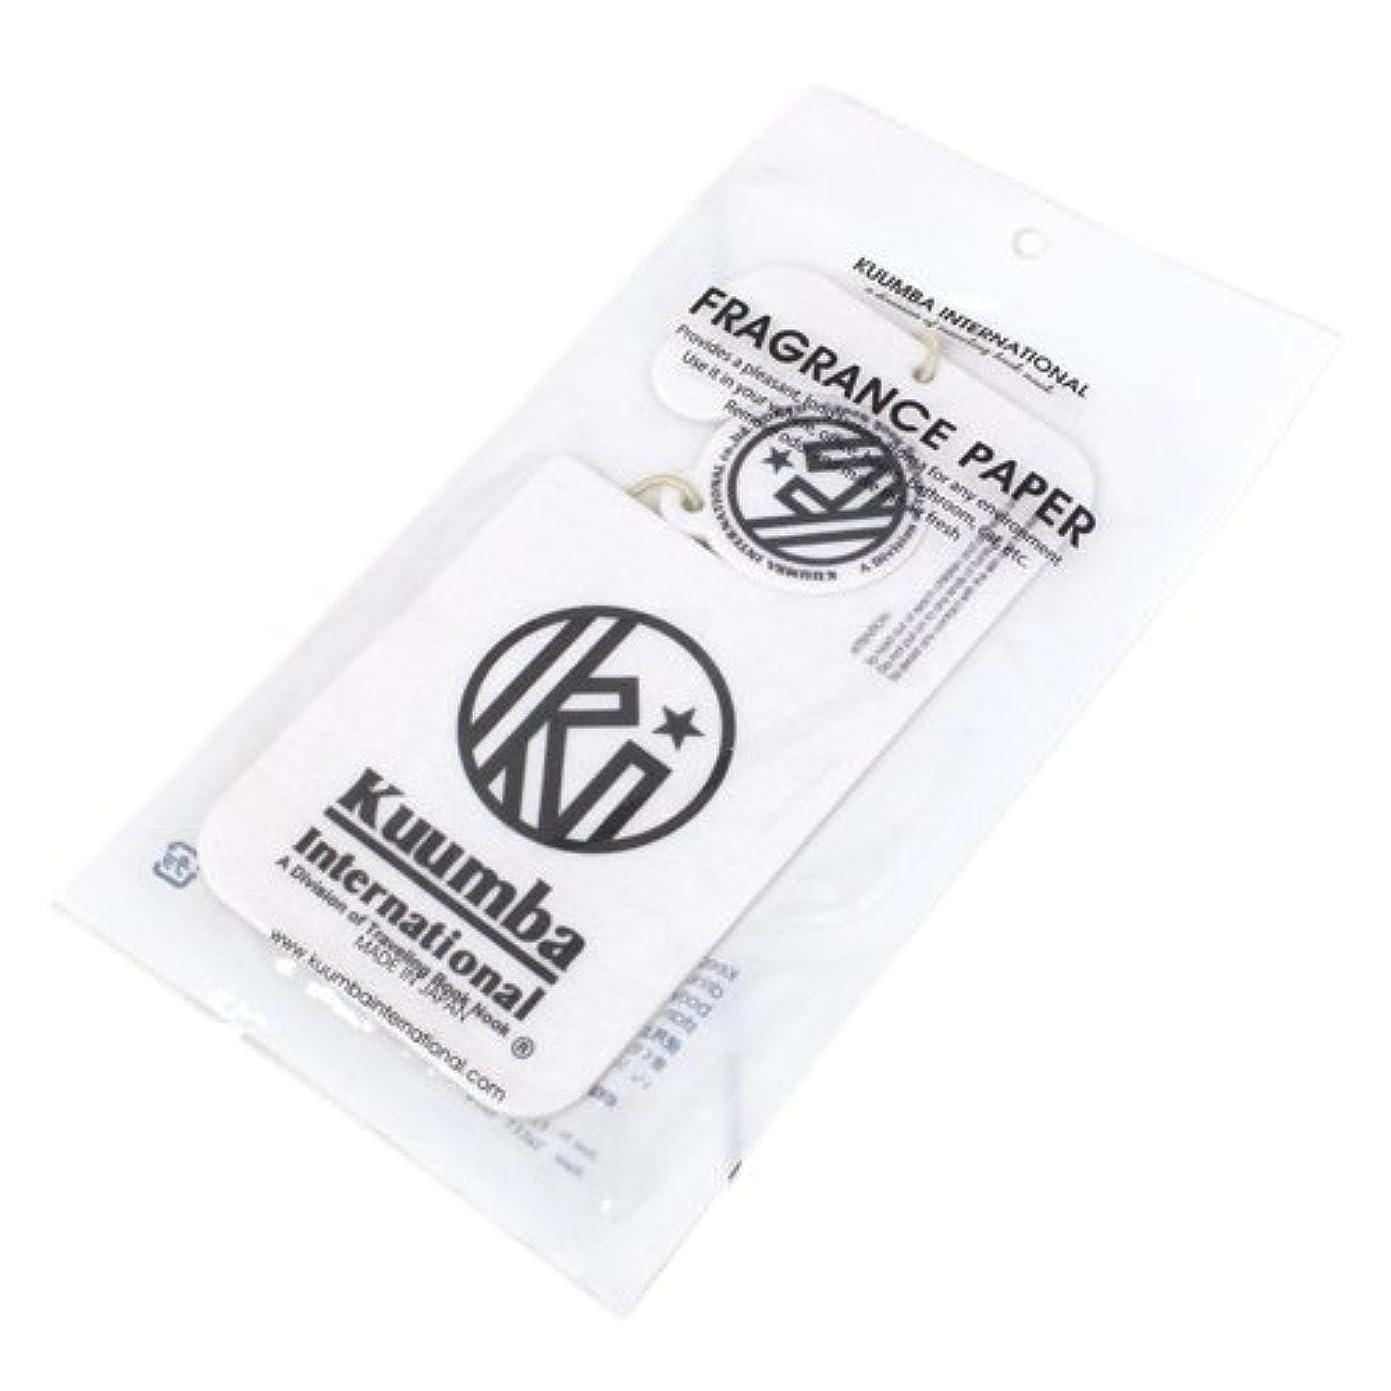 KUUMBA (クンバ)『Paper Freshener』(Acquolina) (ONE SIZE)